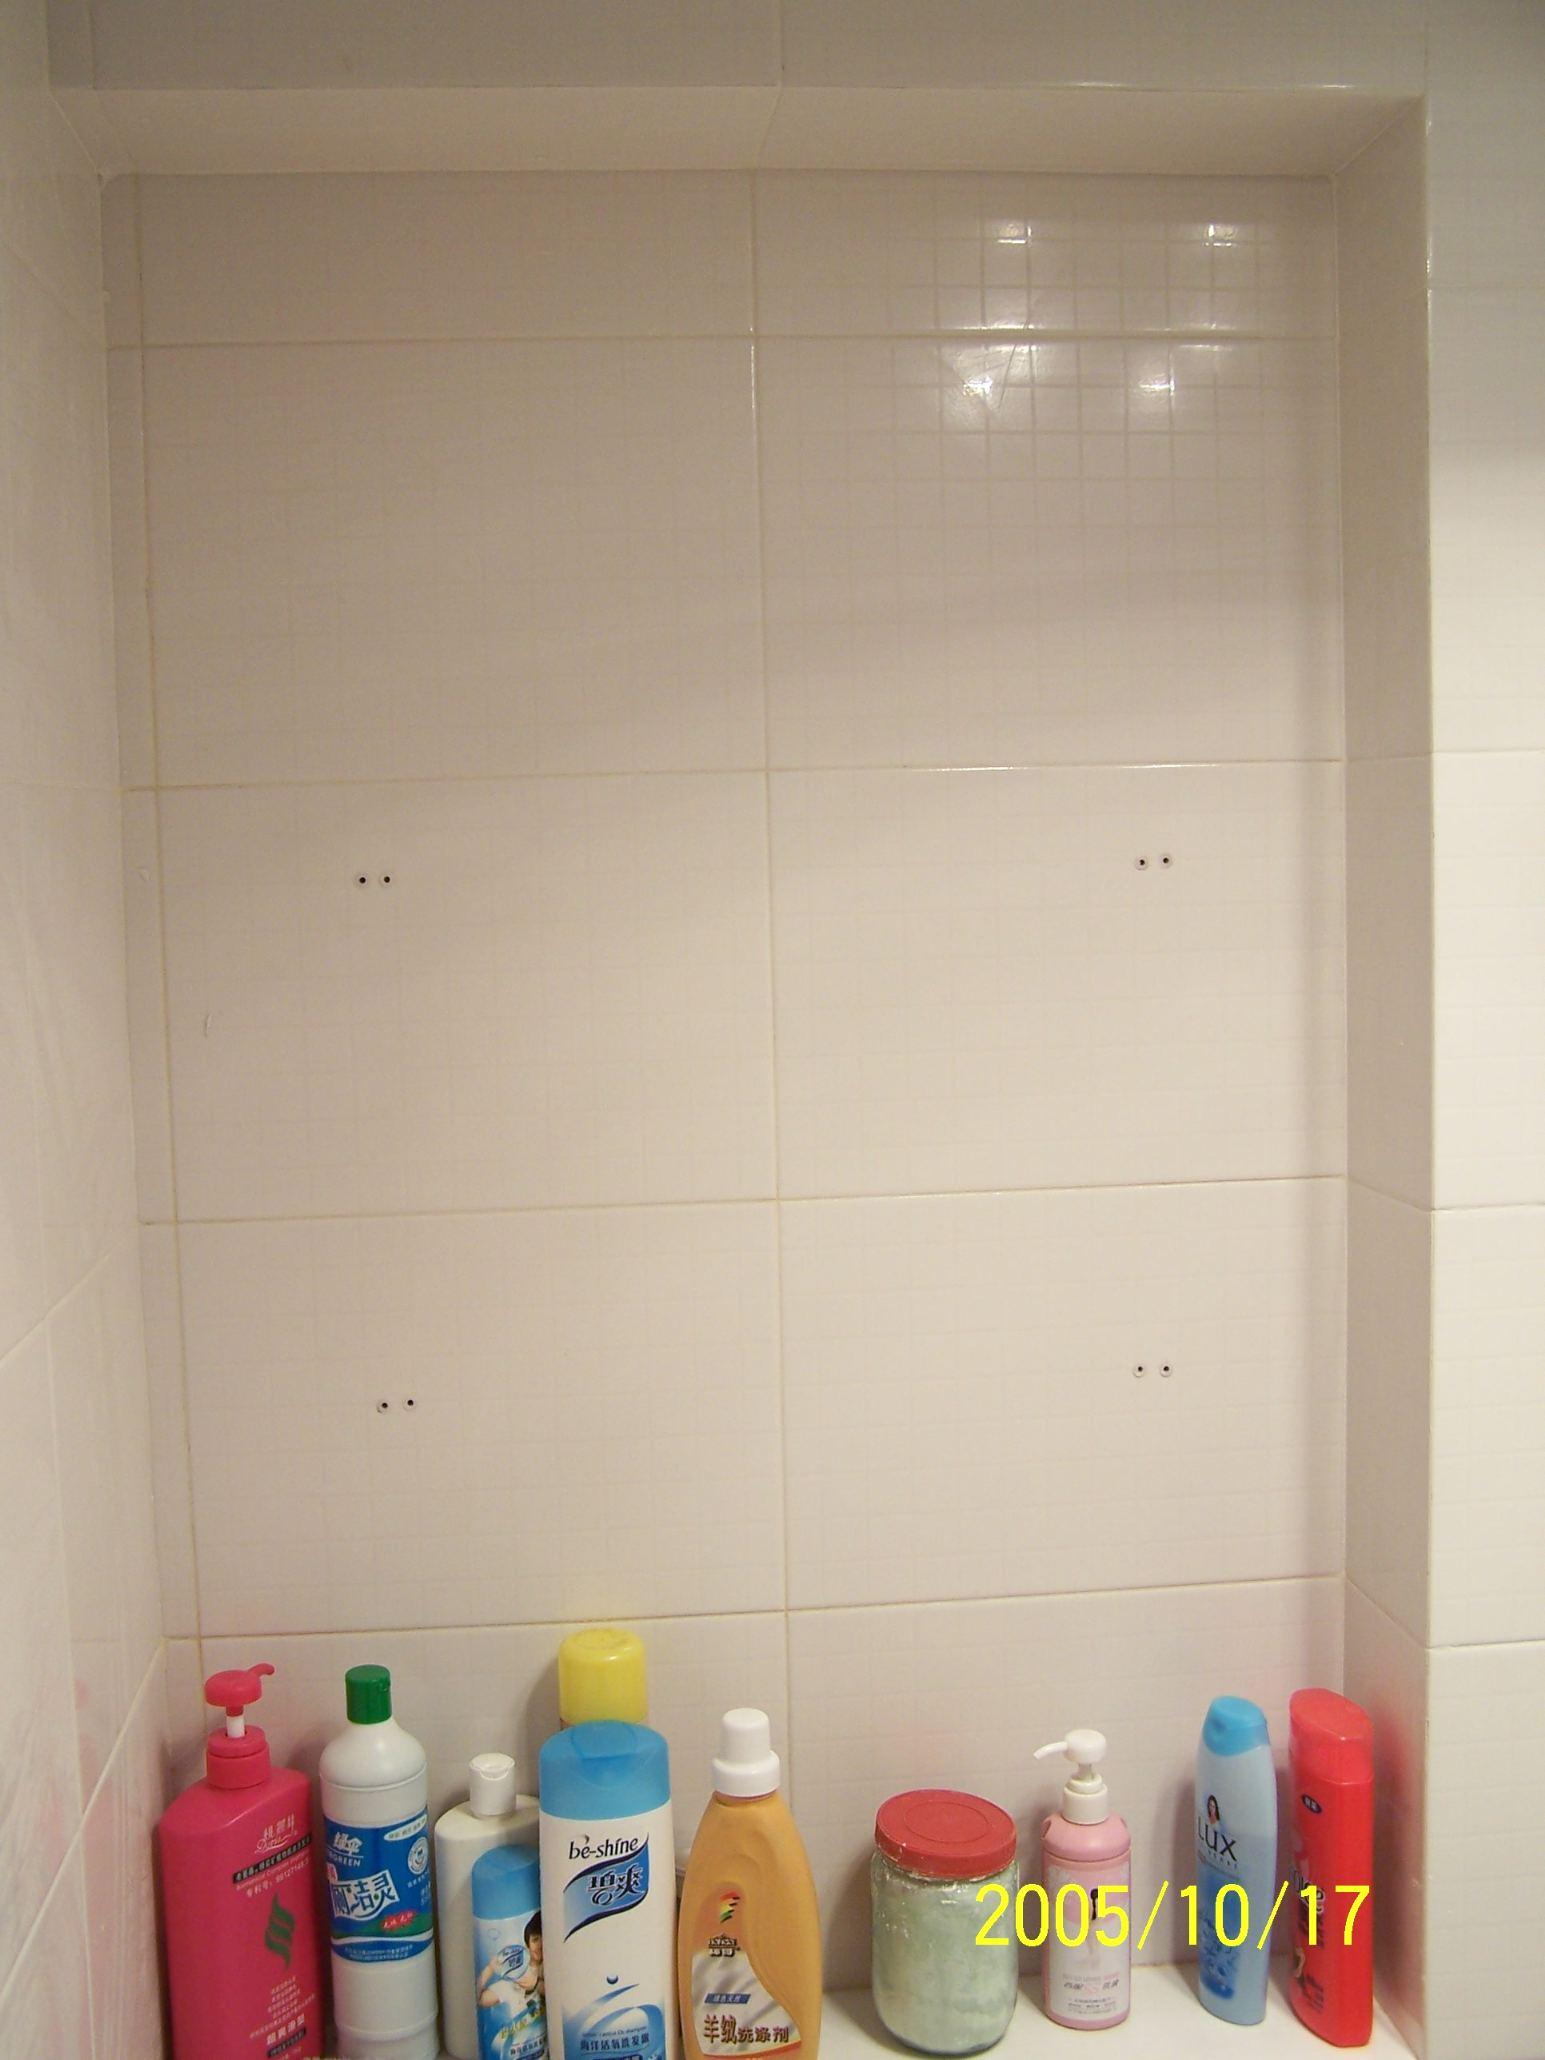 卫生间5:四维洗衣池,四维的马桶刷盒